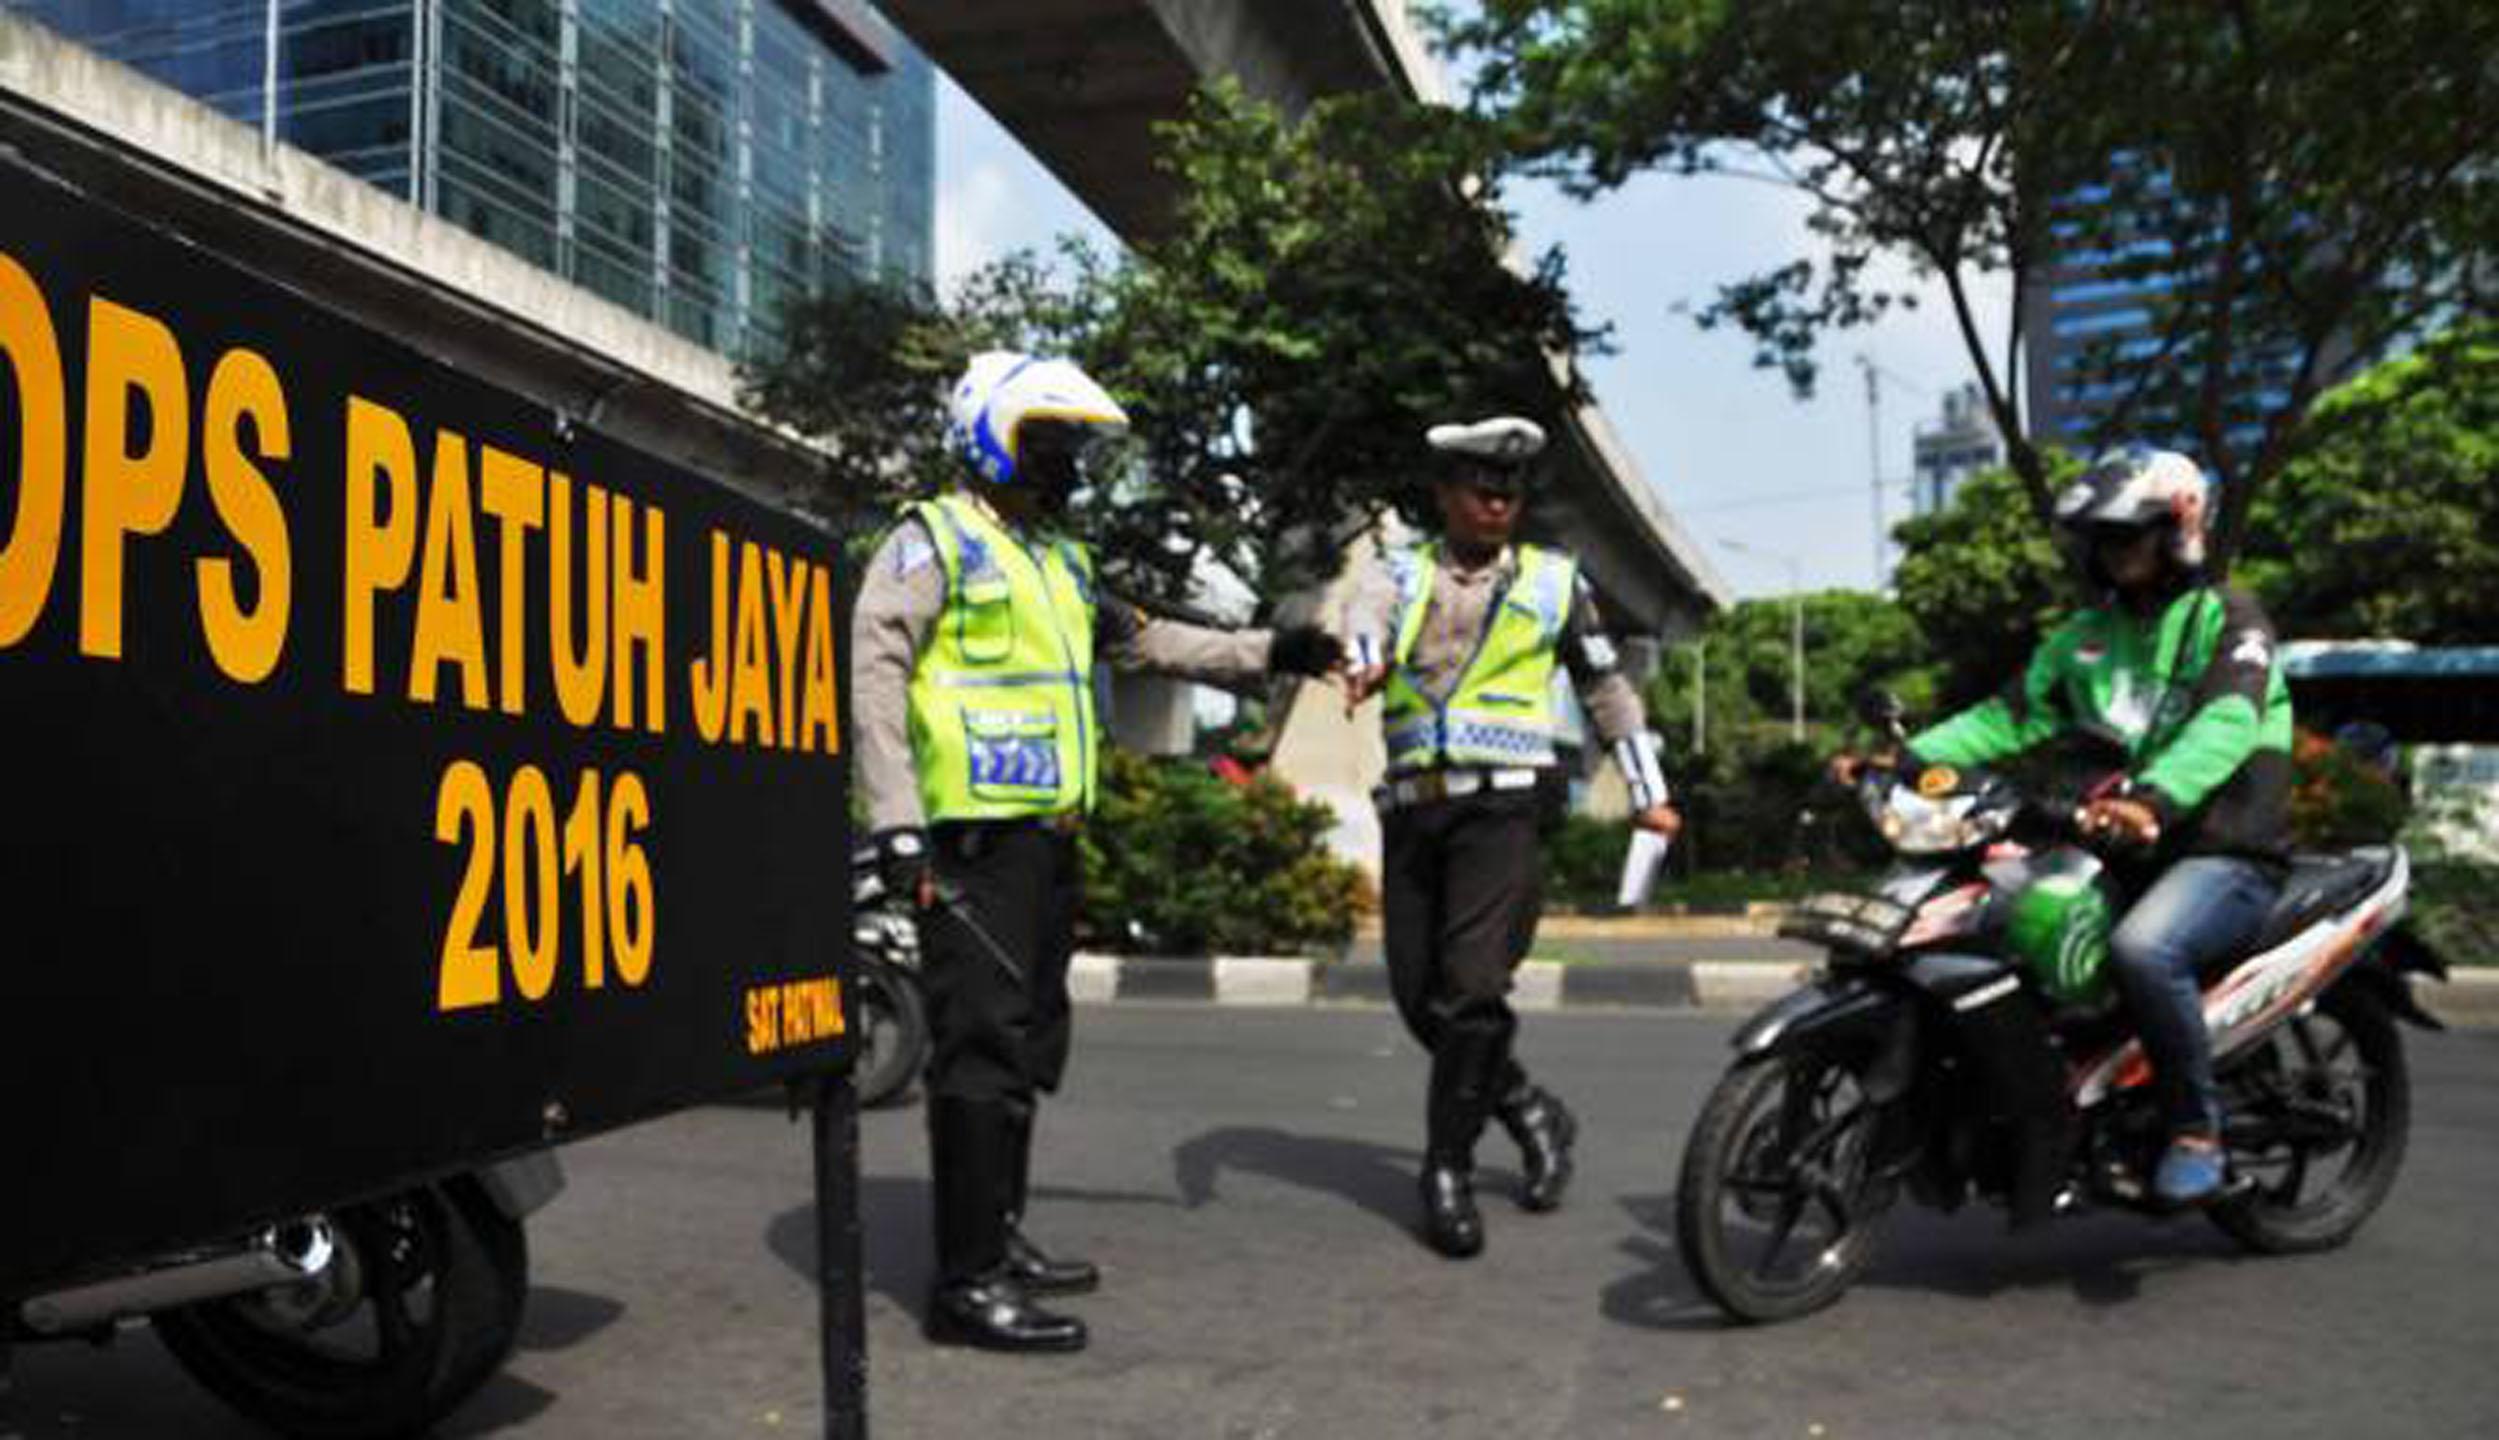 """Operasi Patuh """"TERPUSAT"""" 2016 Serentak di Seluruh Indonesia"""